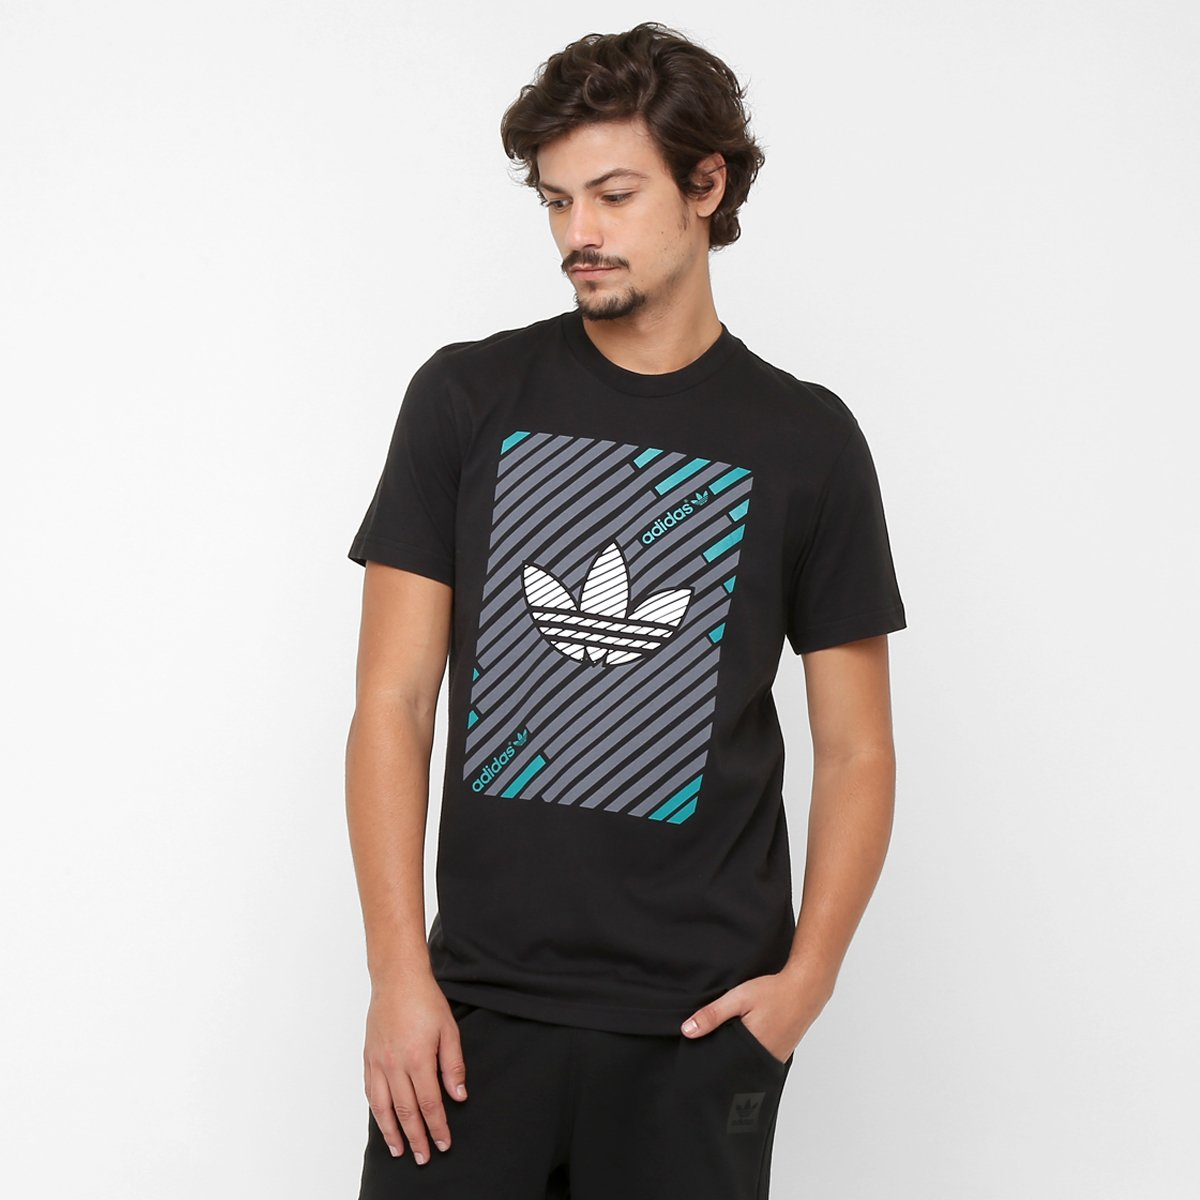 d14630d8d26 Camiseta Adidas Originals Stripes Trefoil - Compre Agora